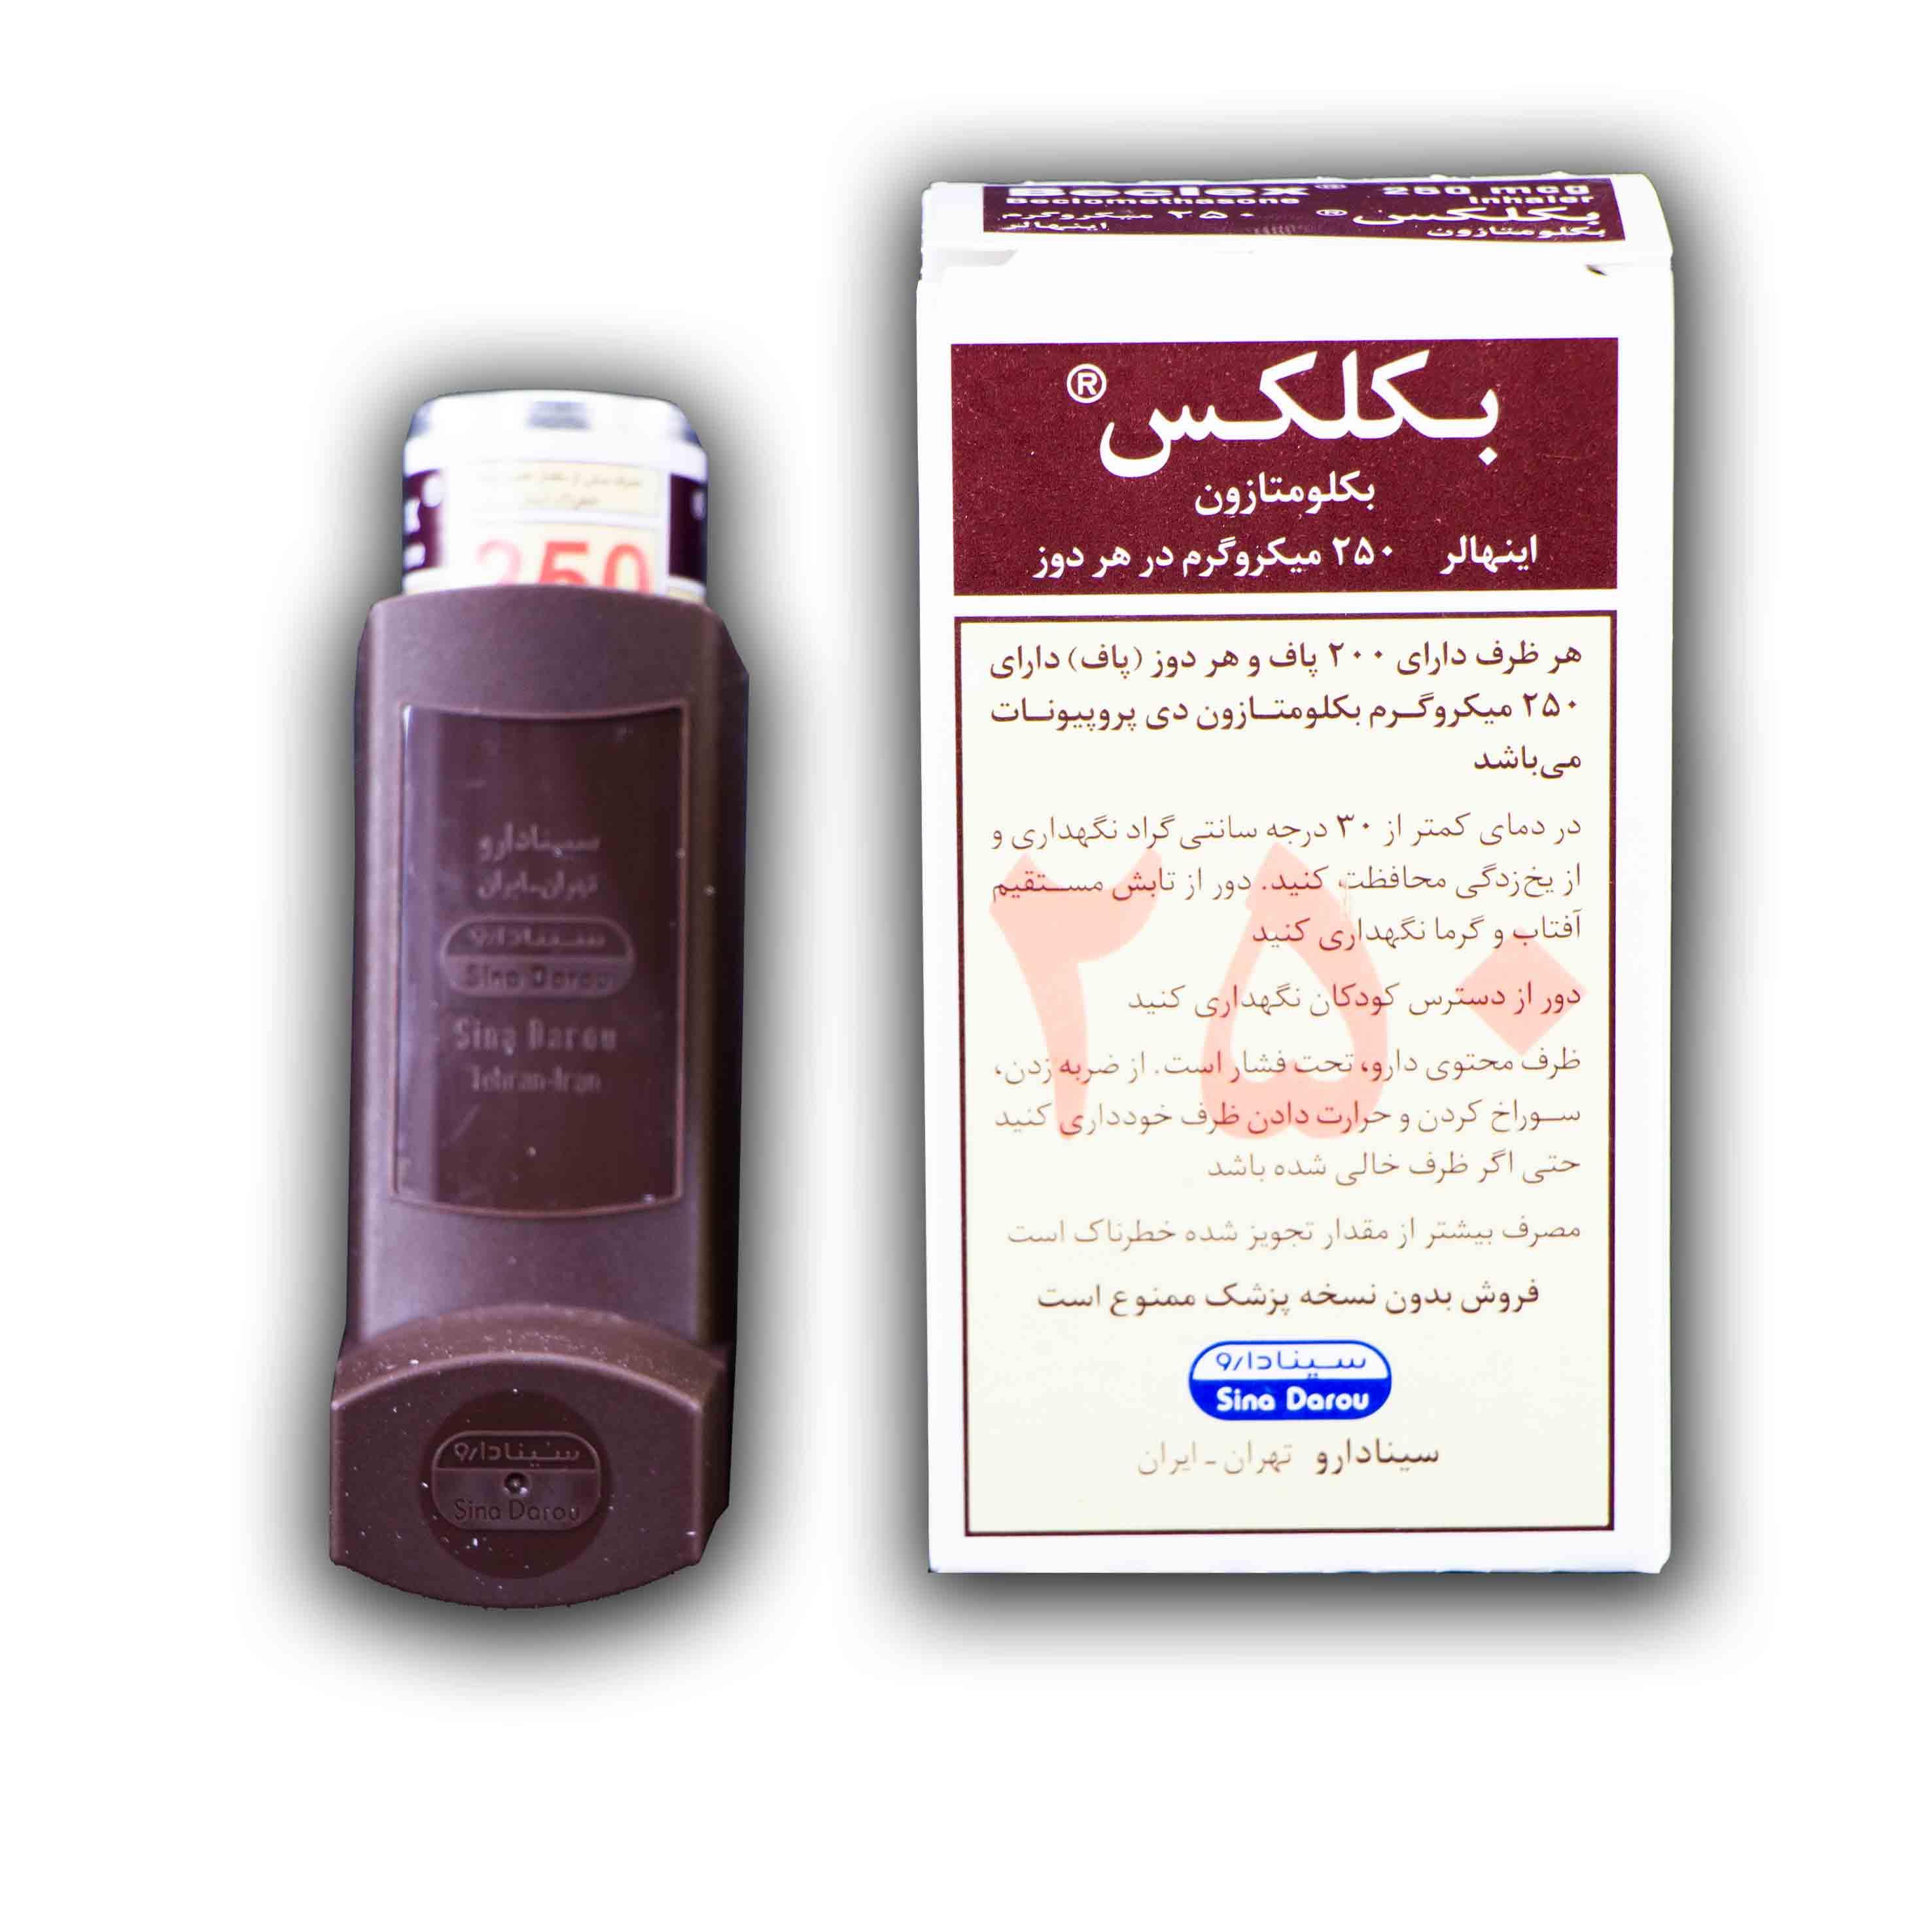 بکلکس ( بکلومتازون )250م ک گ/دوز-250دوز اسپري استنشاقي 1 ع- سينا دارو